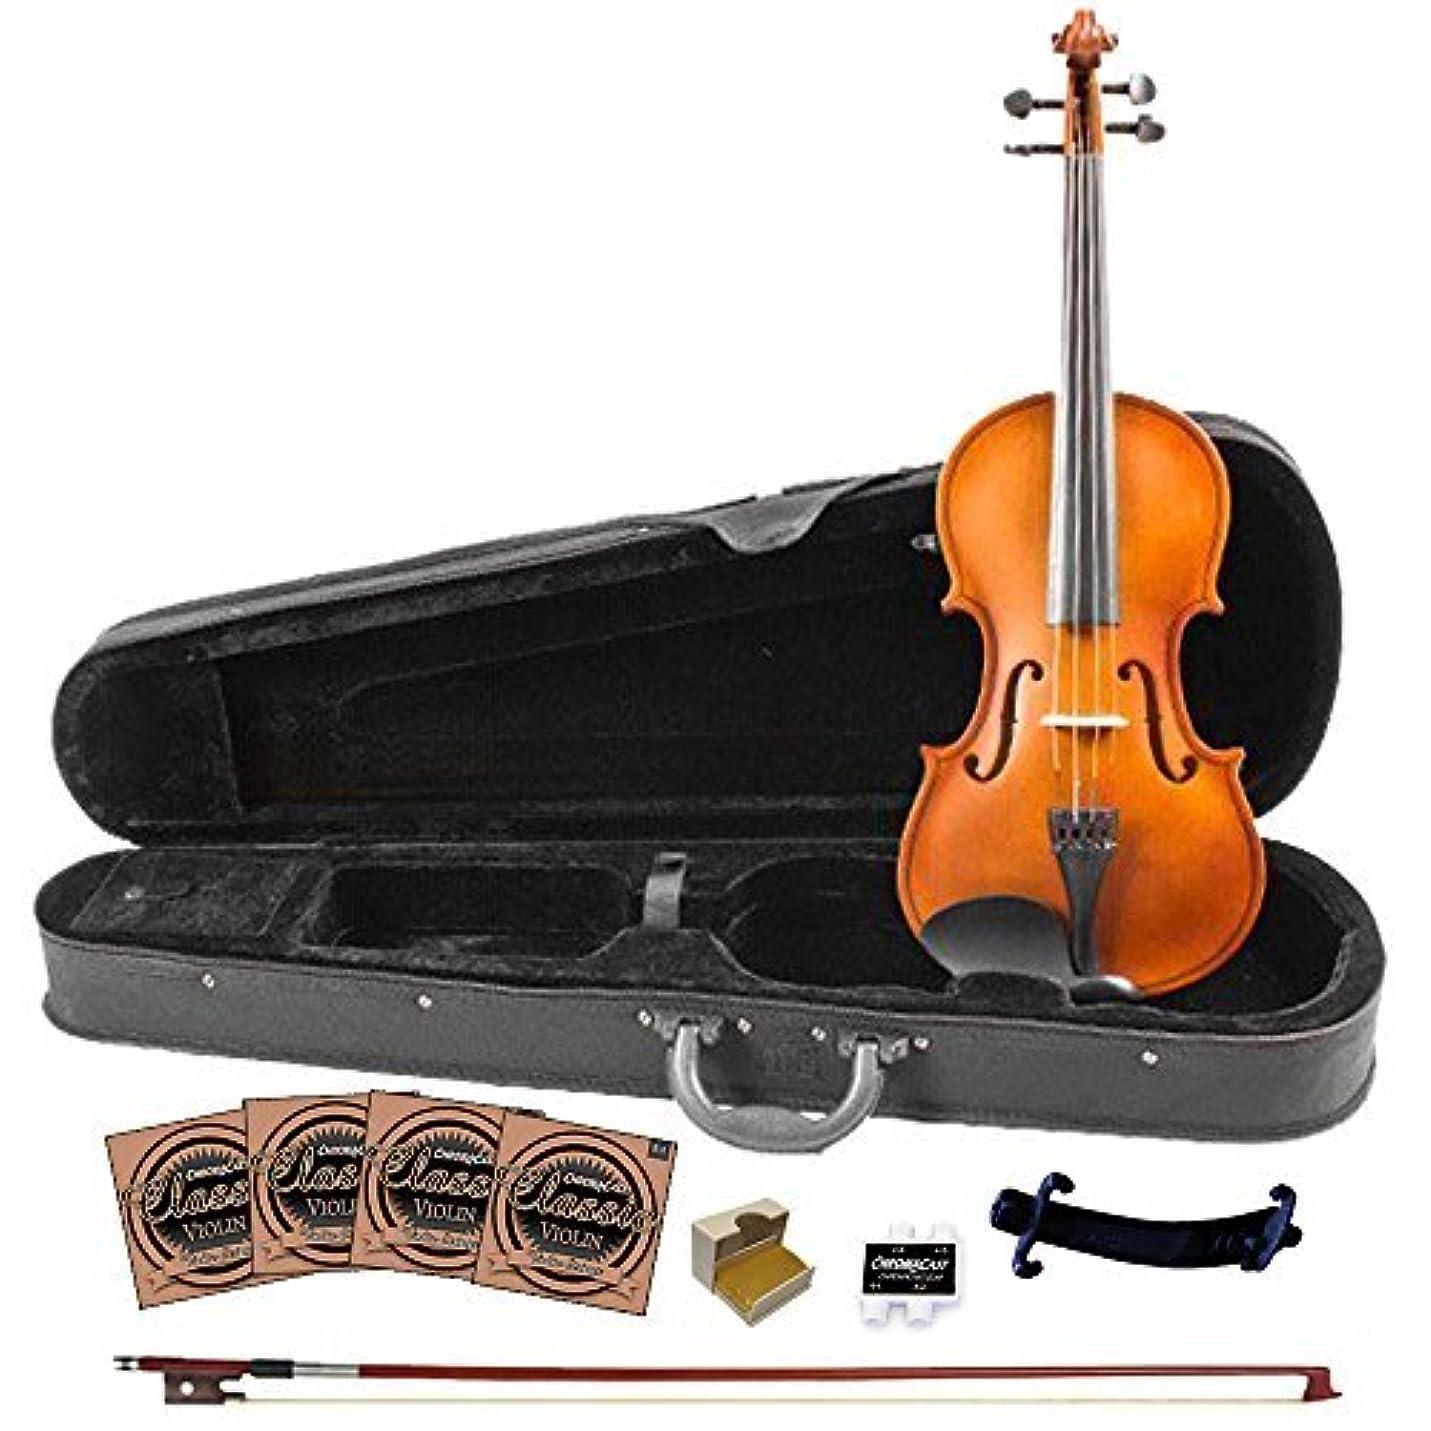 グラマーアレルギー性コメンテーターRise by Sawtooth ST-RISE-VFLAME Beginner'S Violin Full Size [並行輸入品]